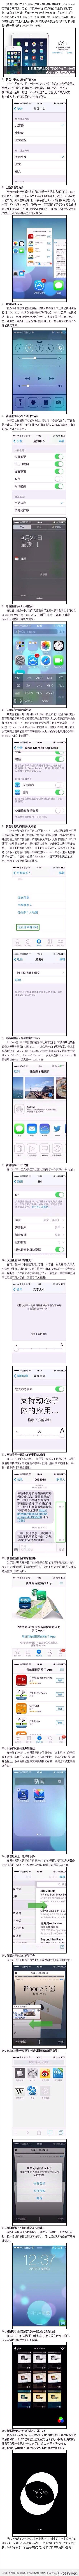 IOS7新增功能-完美源码